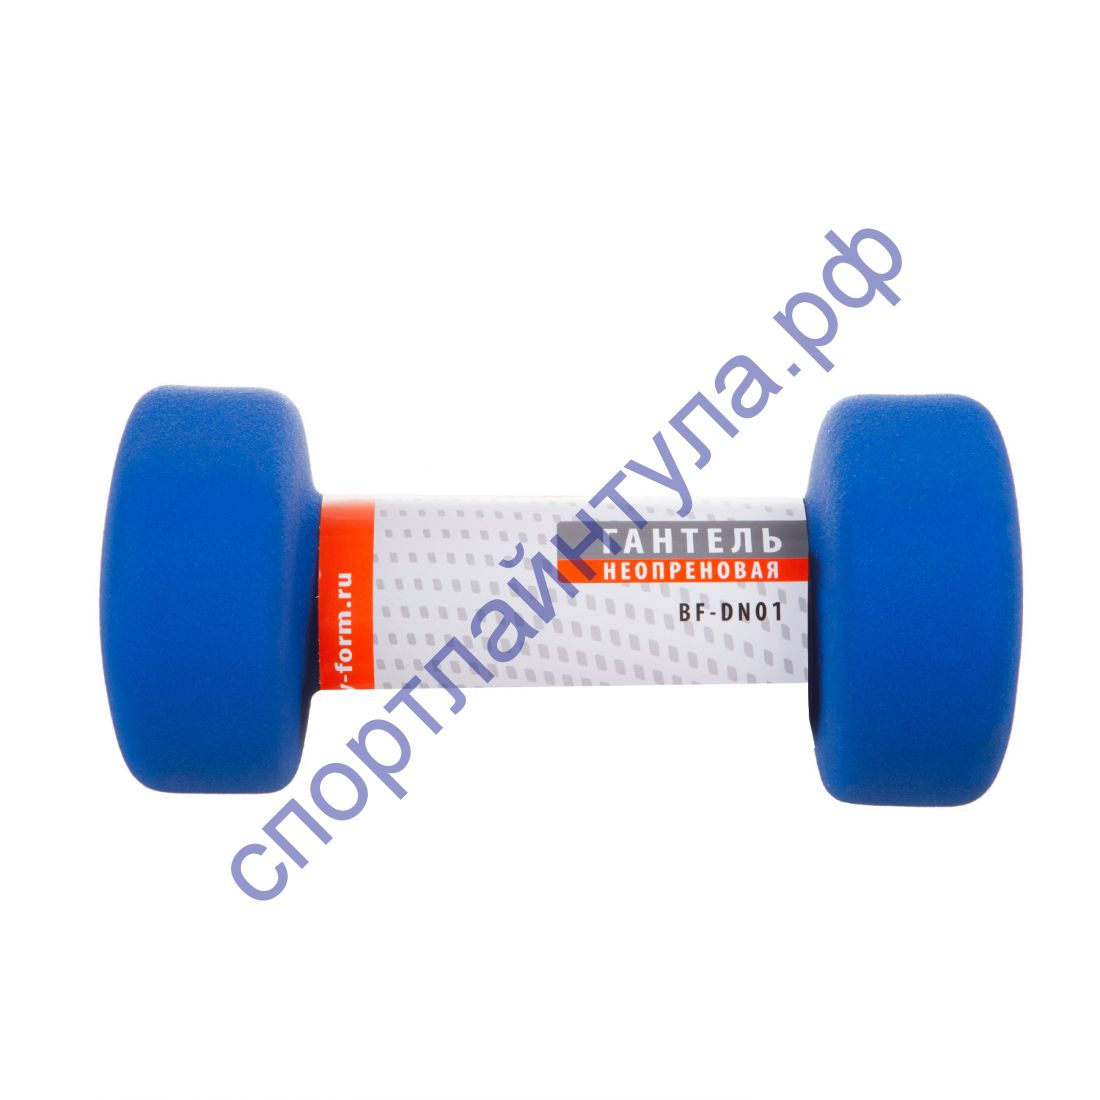 Гантель неопреновая BF-DN01 (1 шт) 3 кг синяя